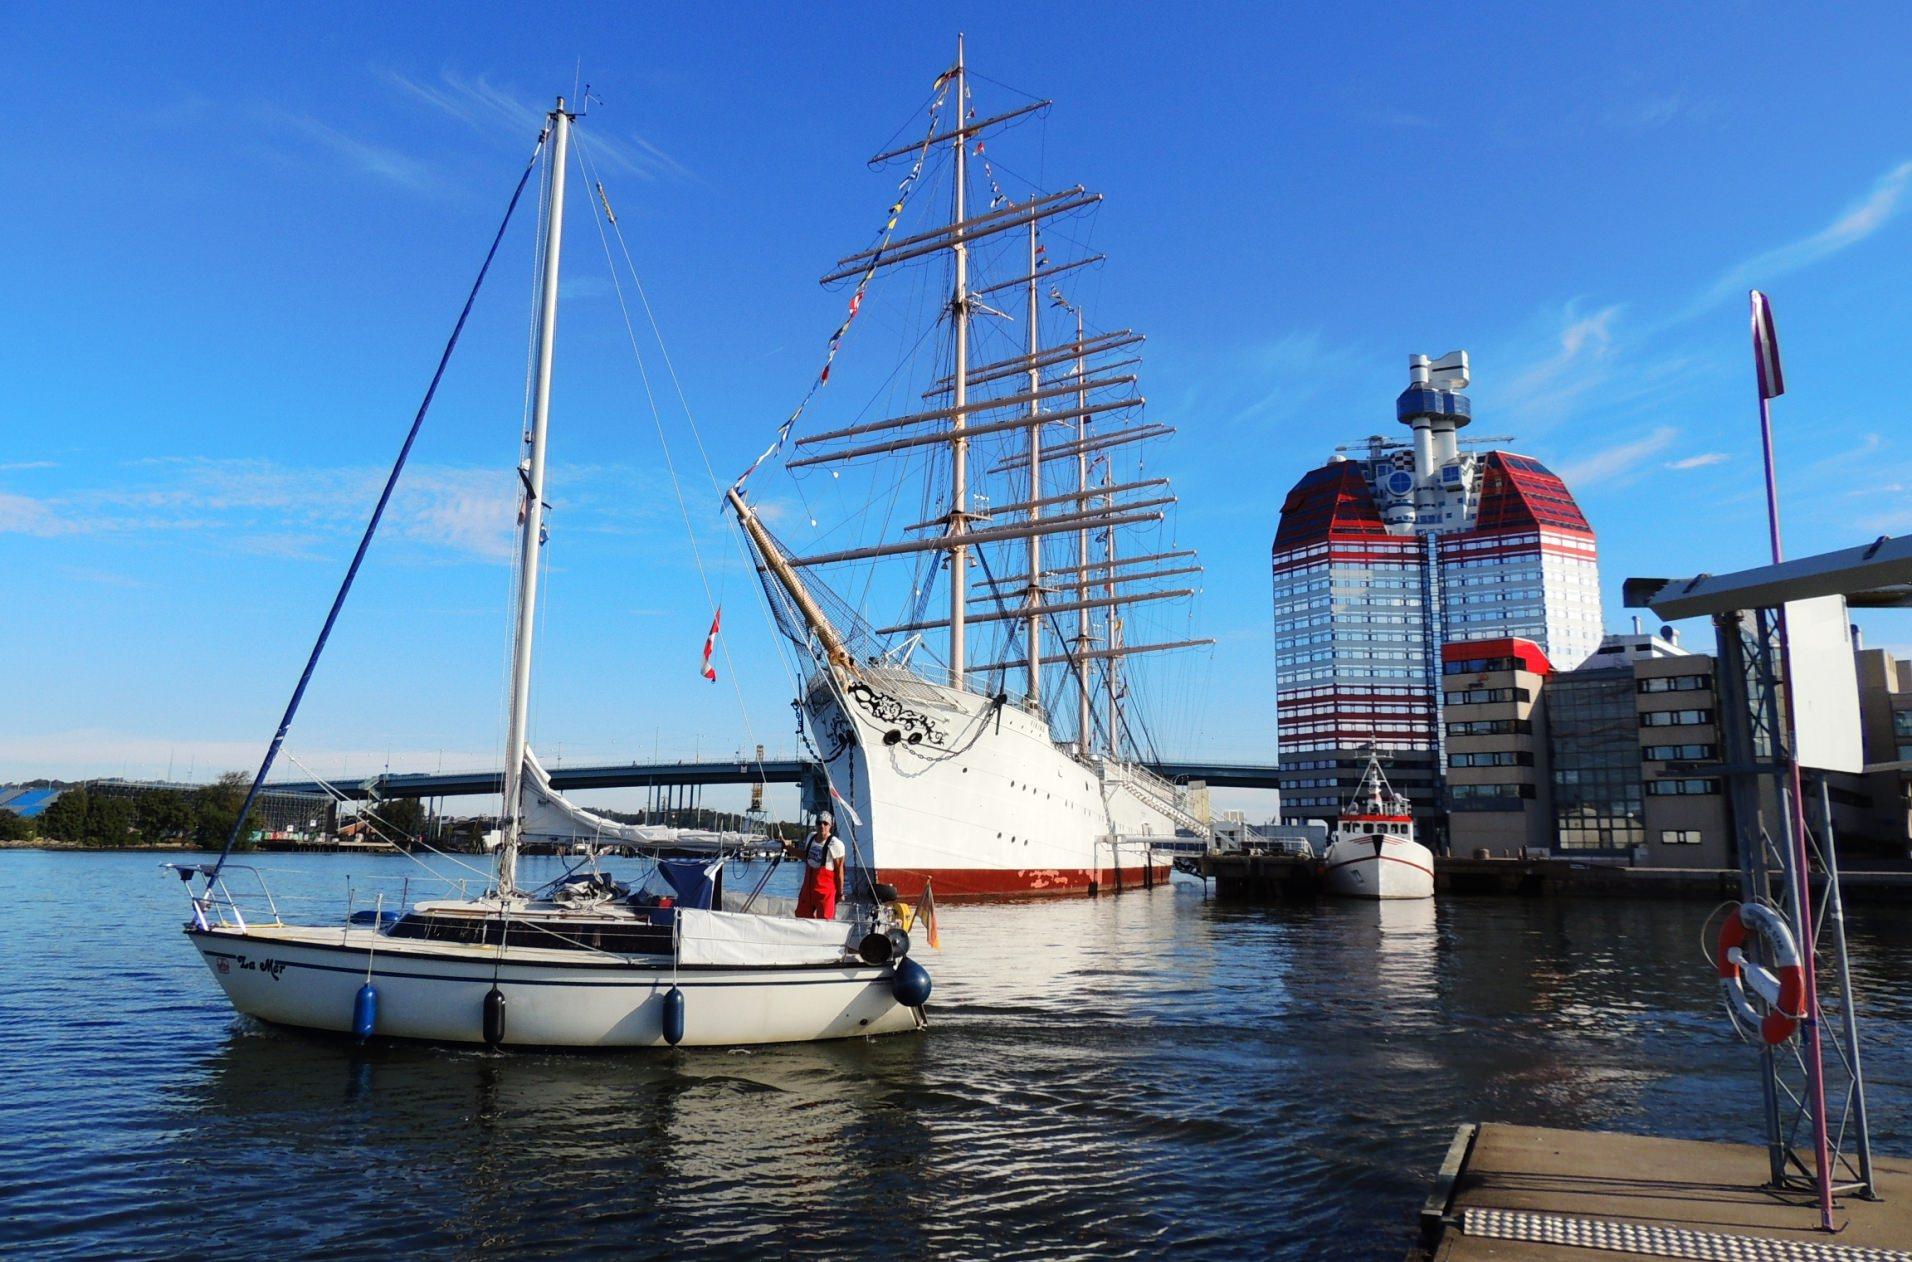 Ein großer Segelkreuzer in einem Hafen in den schwedische Schären